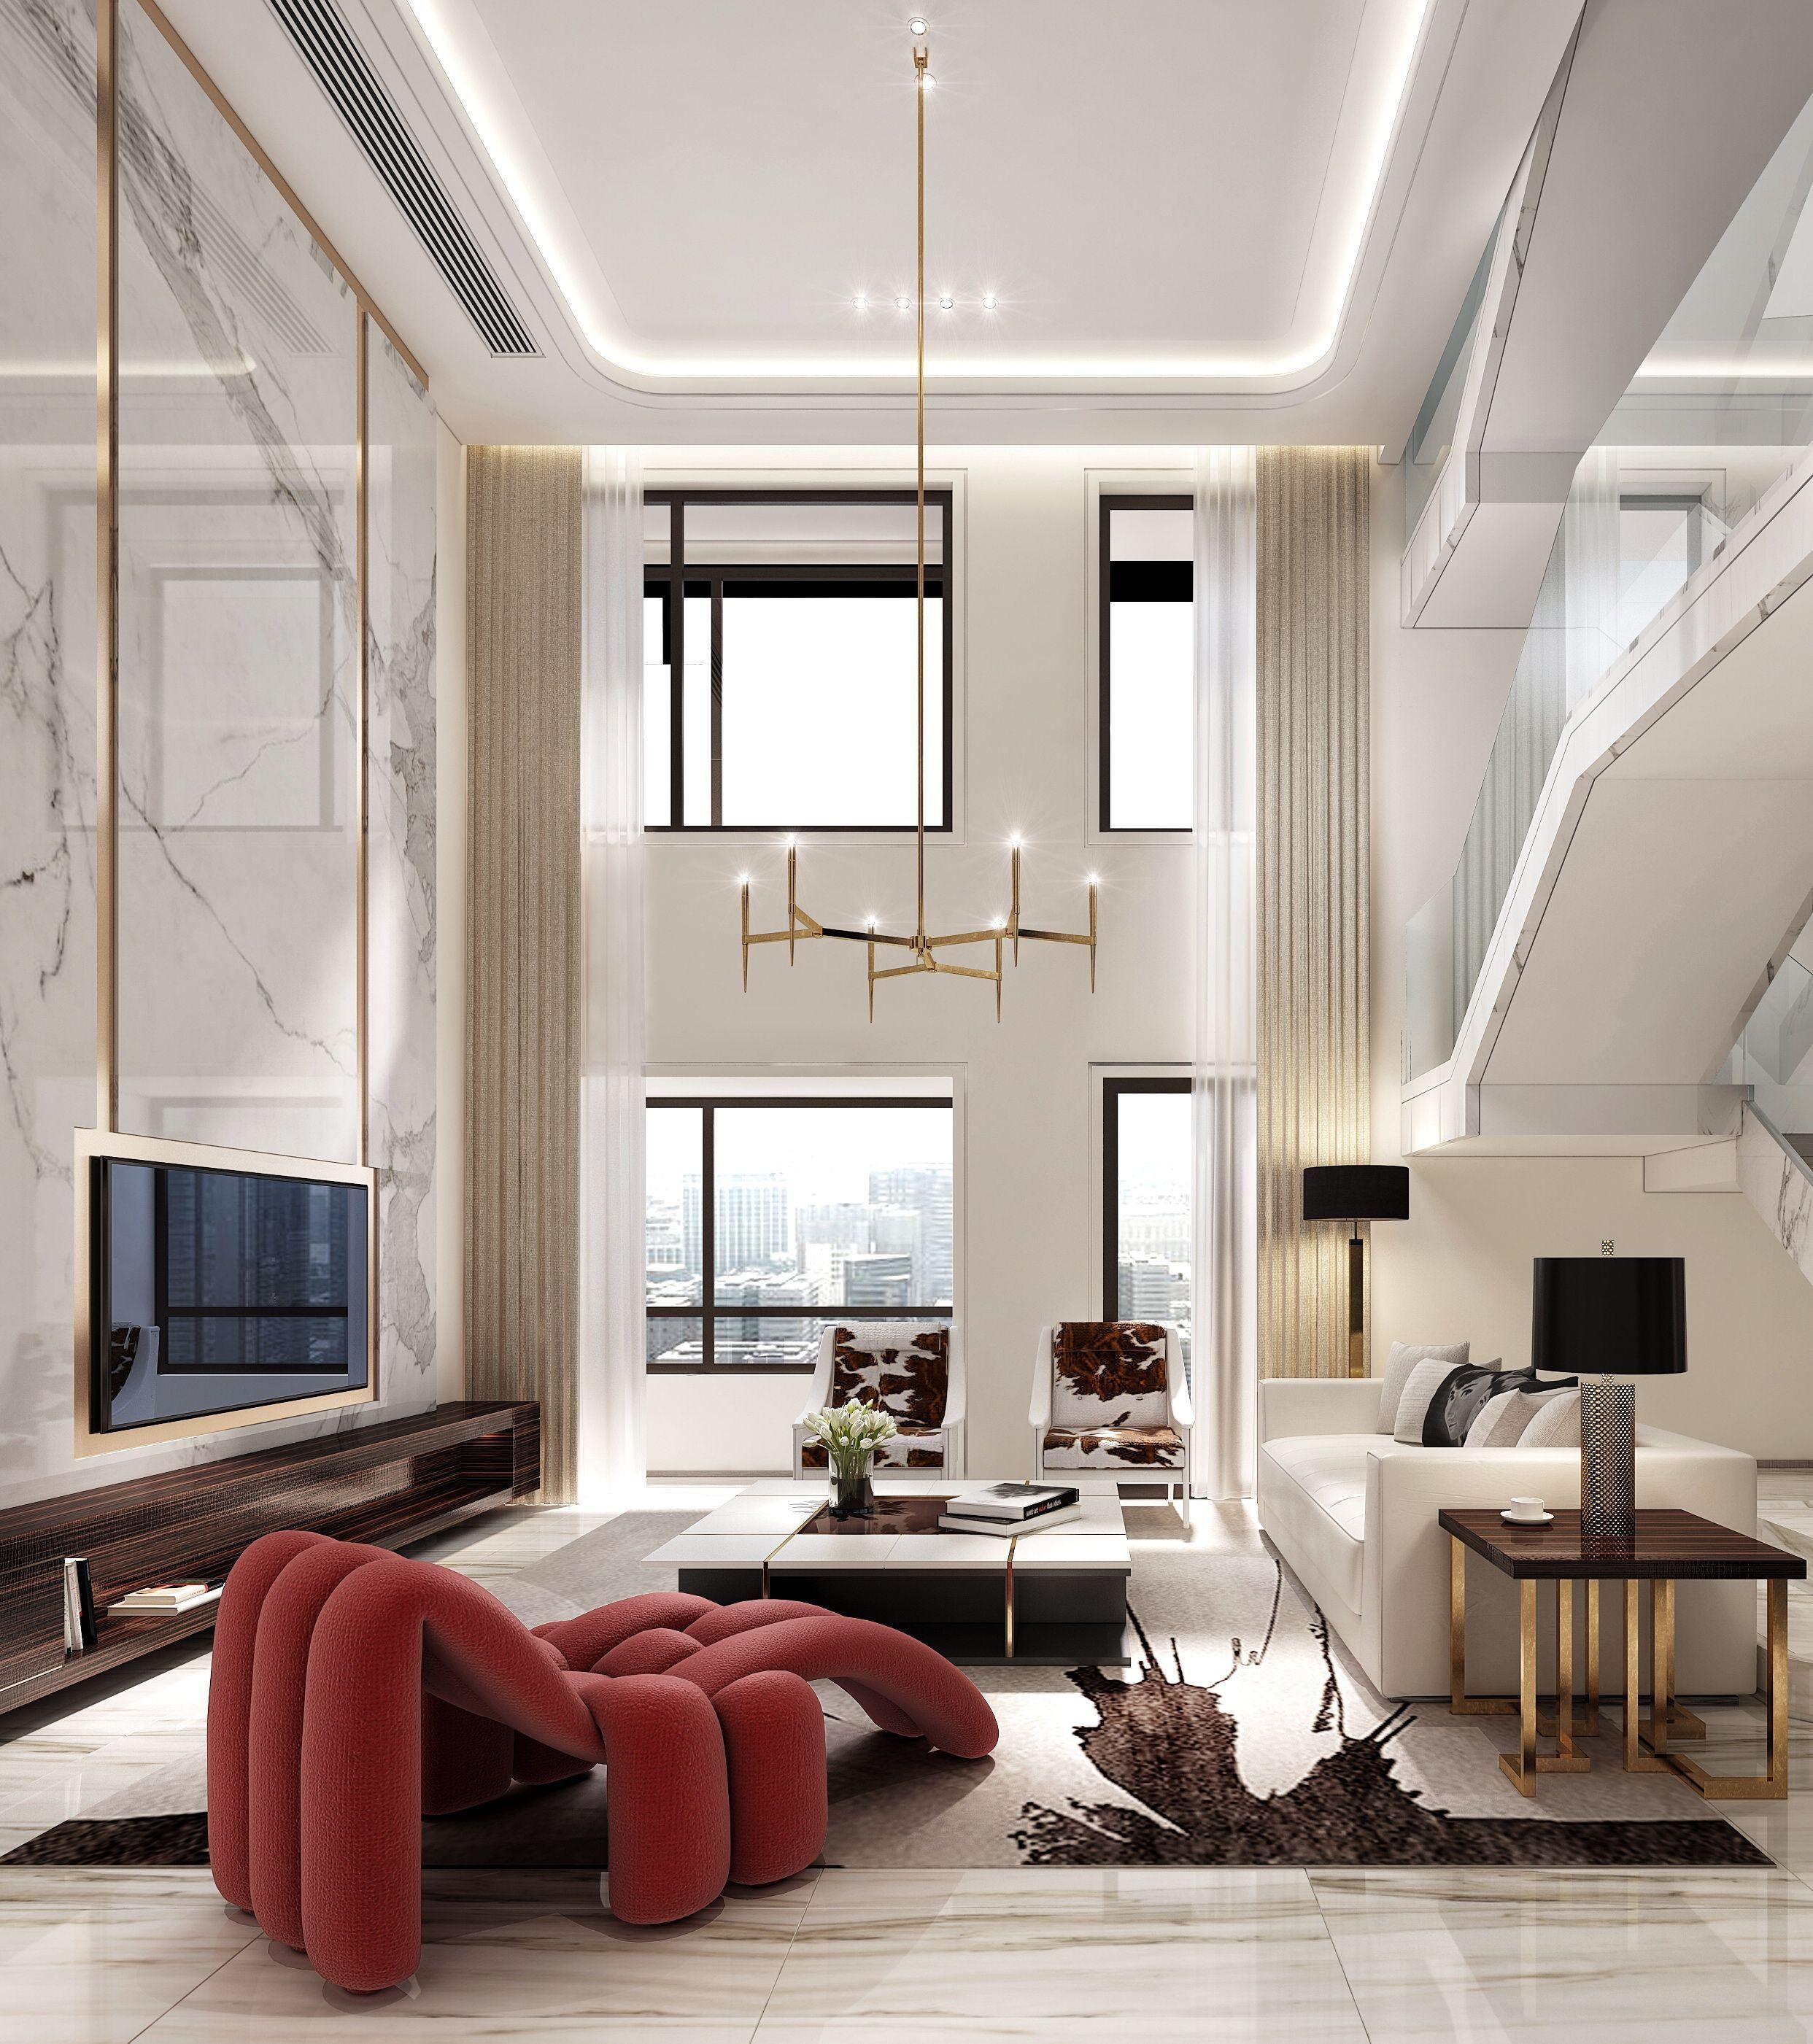 Idees De Decoration Pour Un Salon Salon Designdecoration